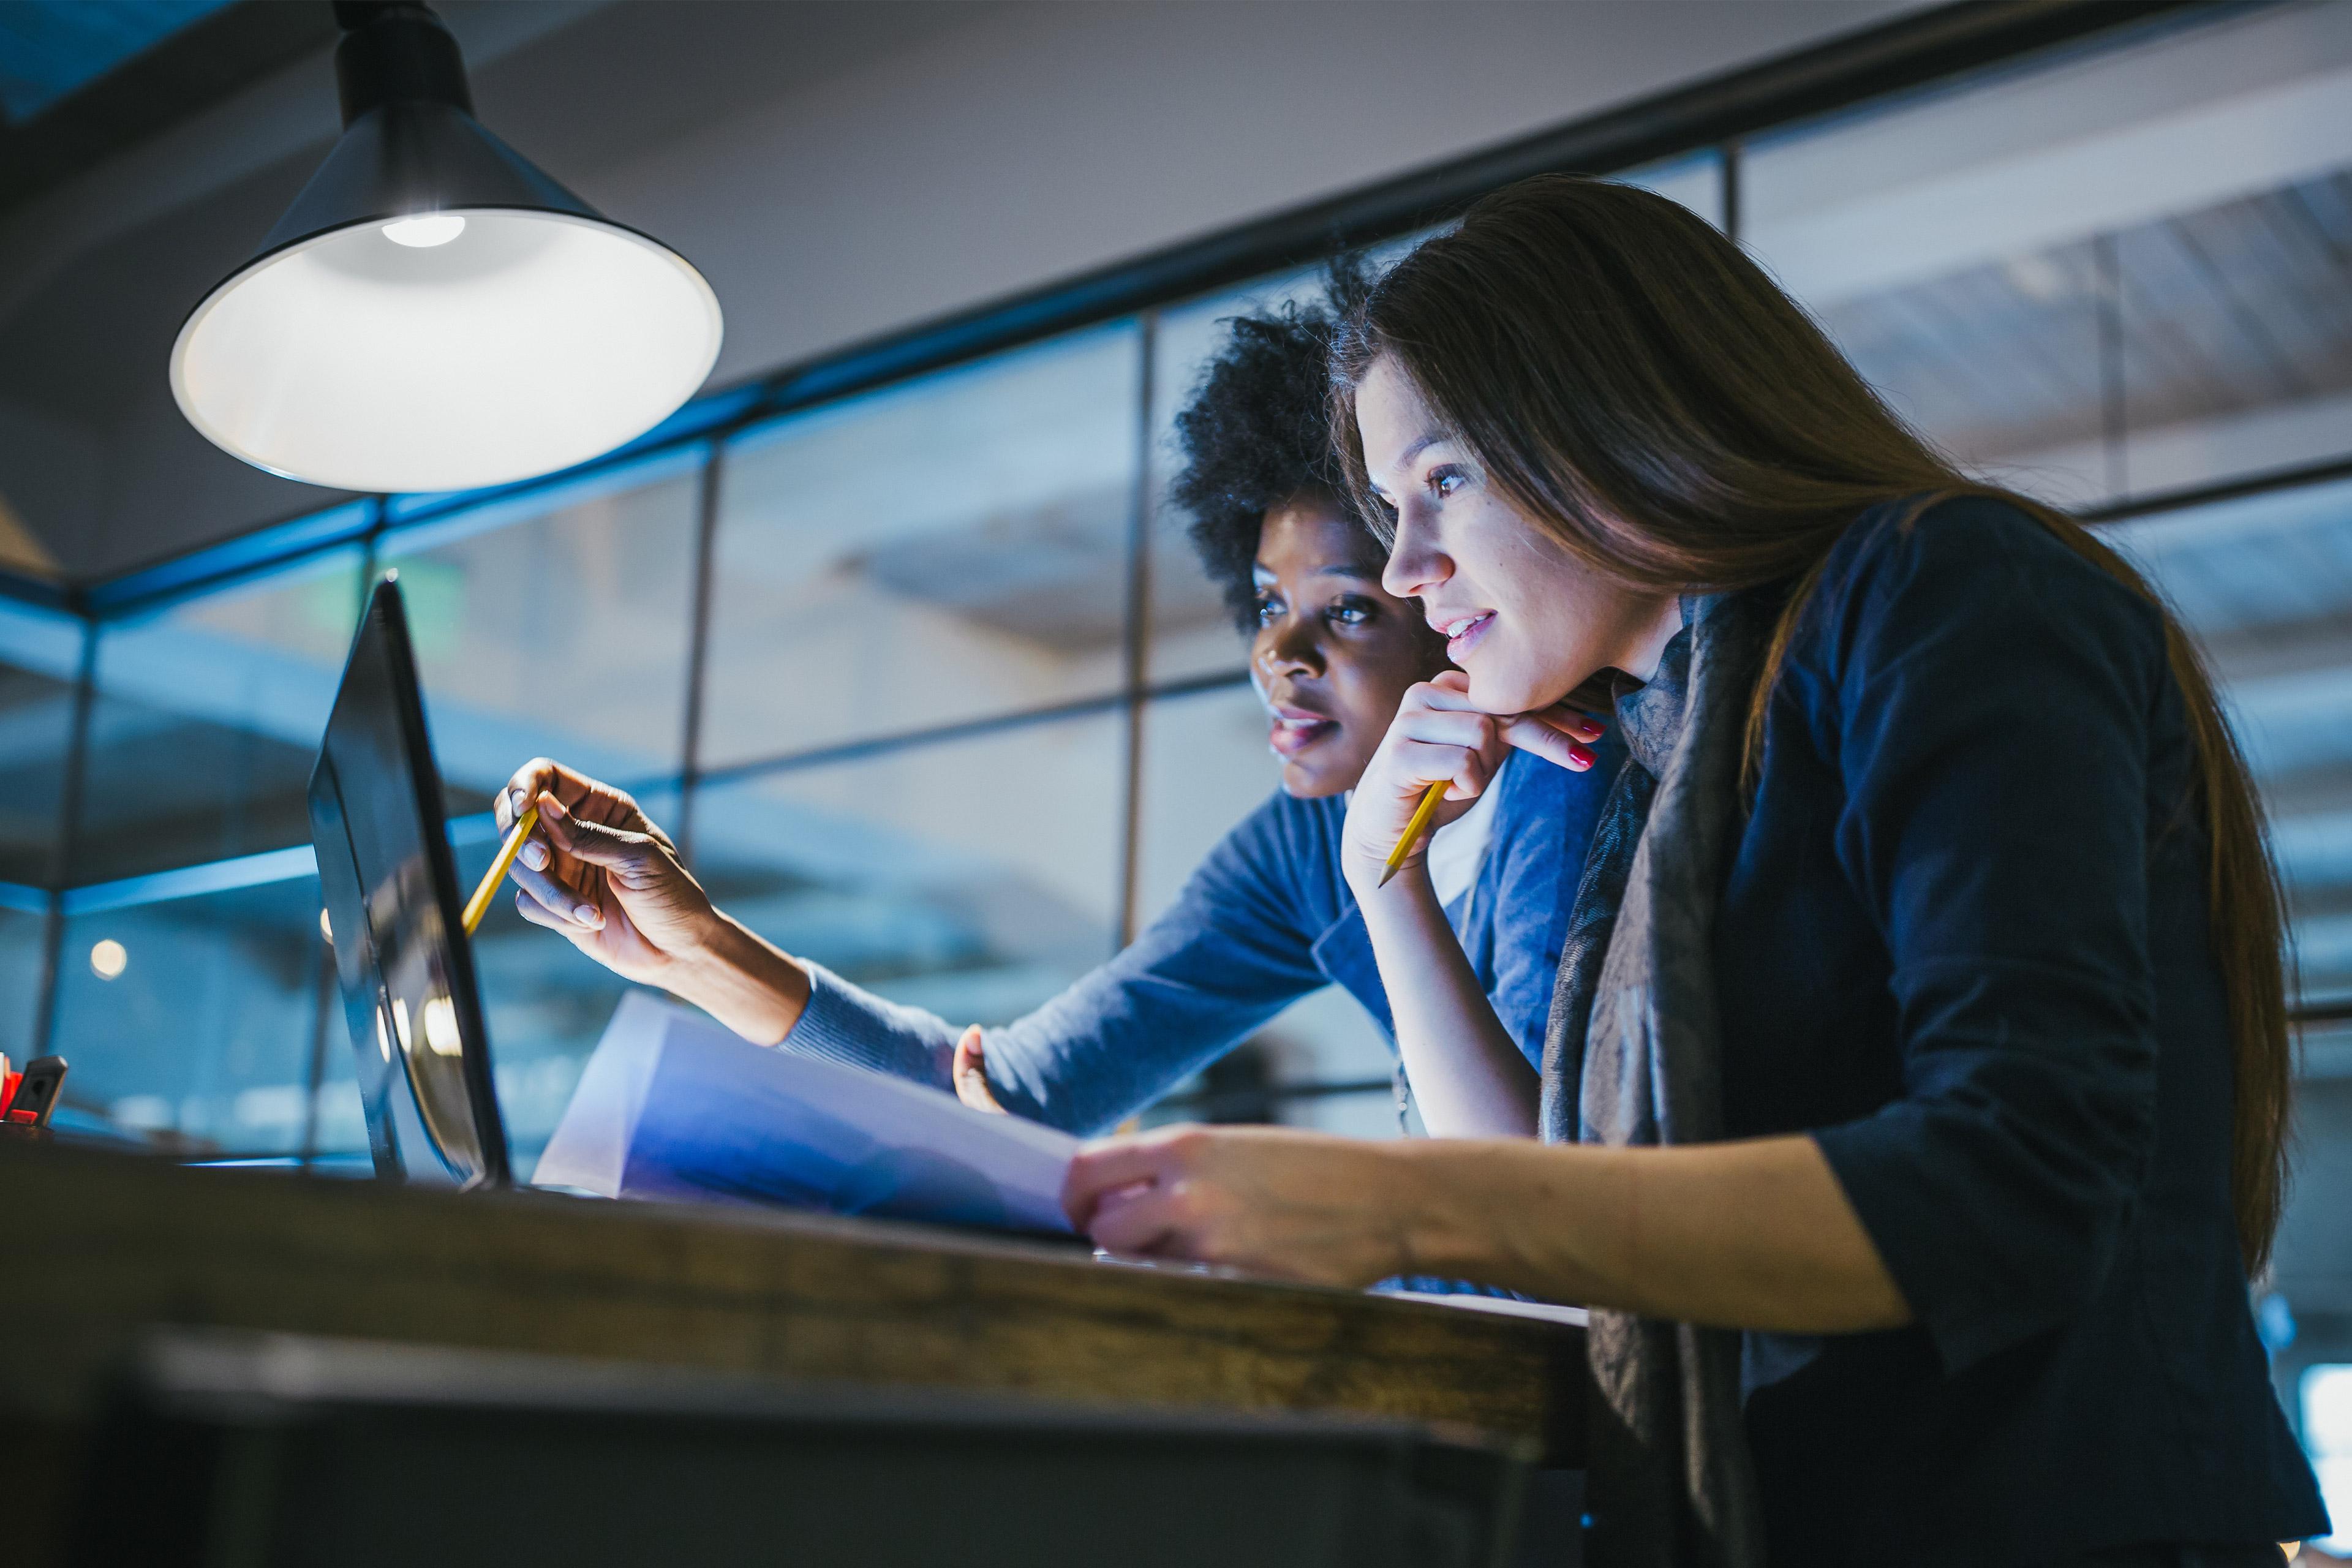 Digital-Karriere bei EY im Bereich Technologie- und SAP-Beratung: Zwei junge Frauen prüfen Einträge auf einem Laptop.